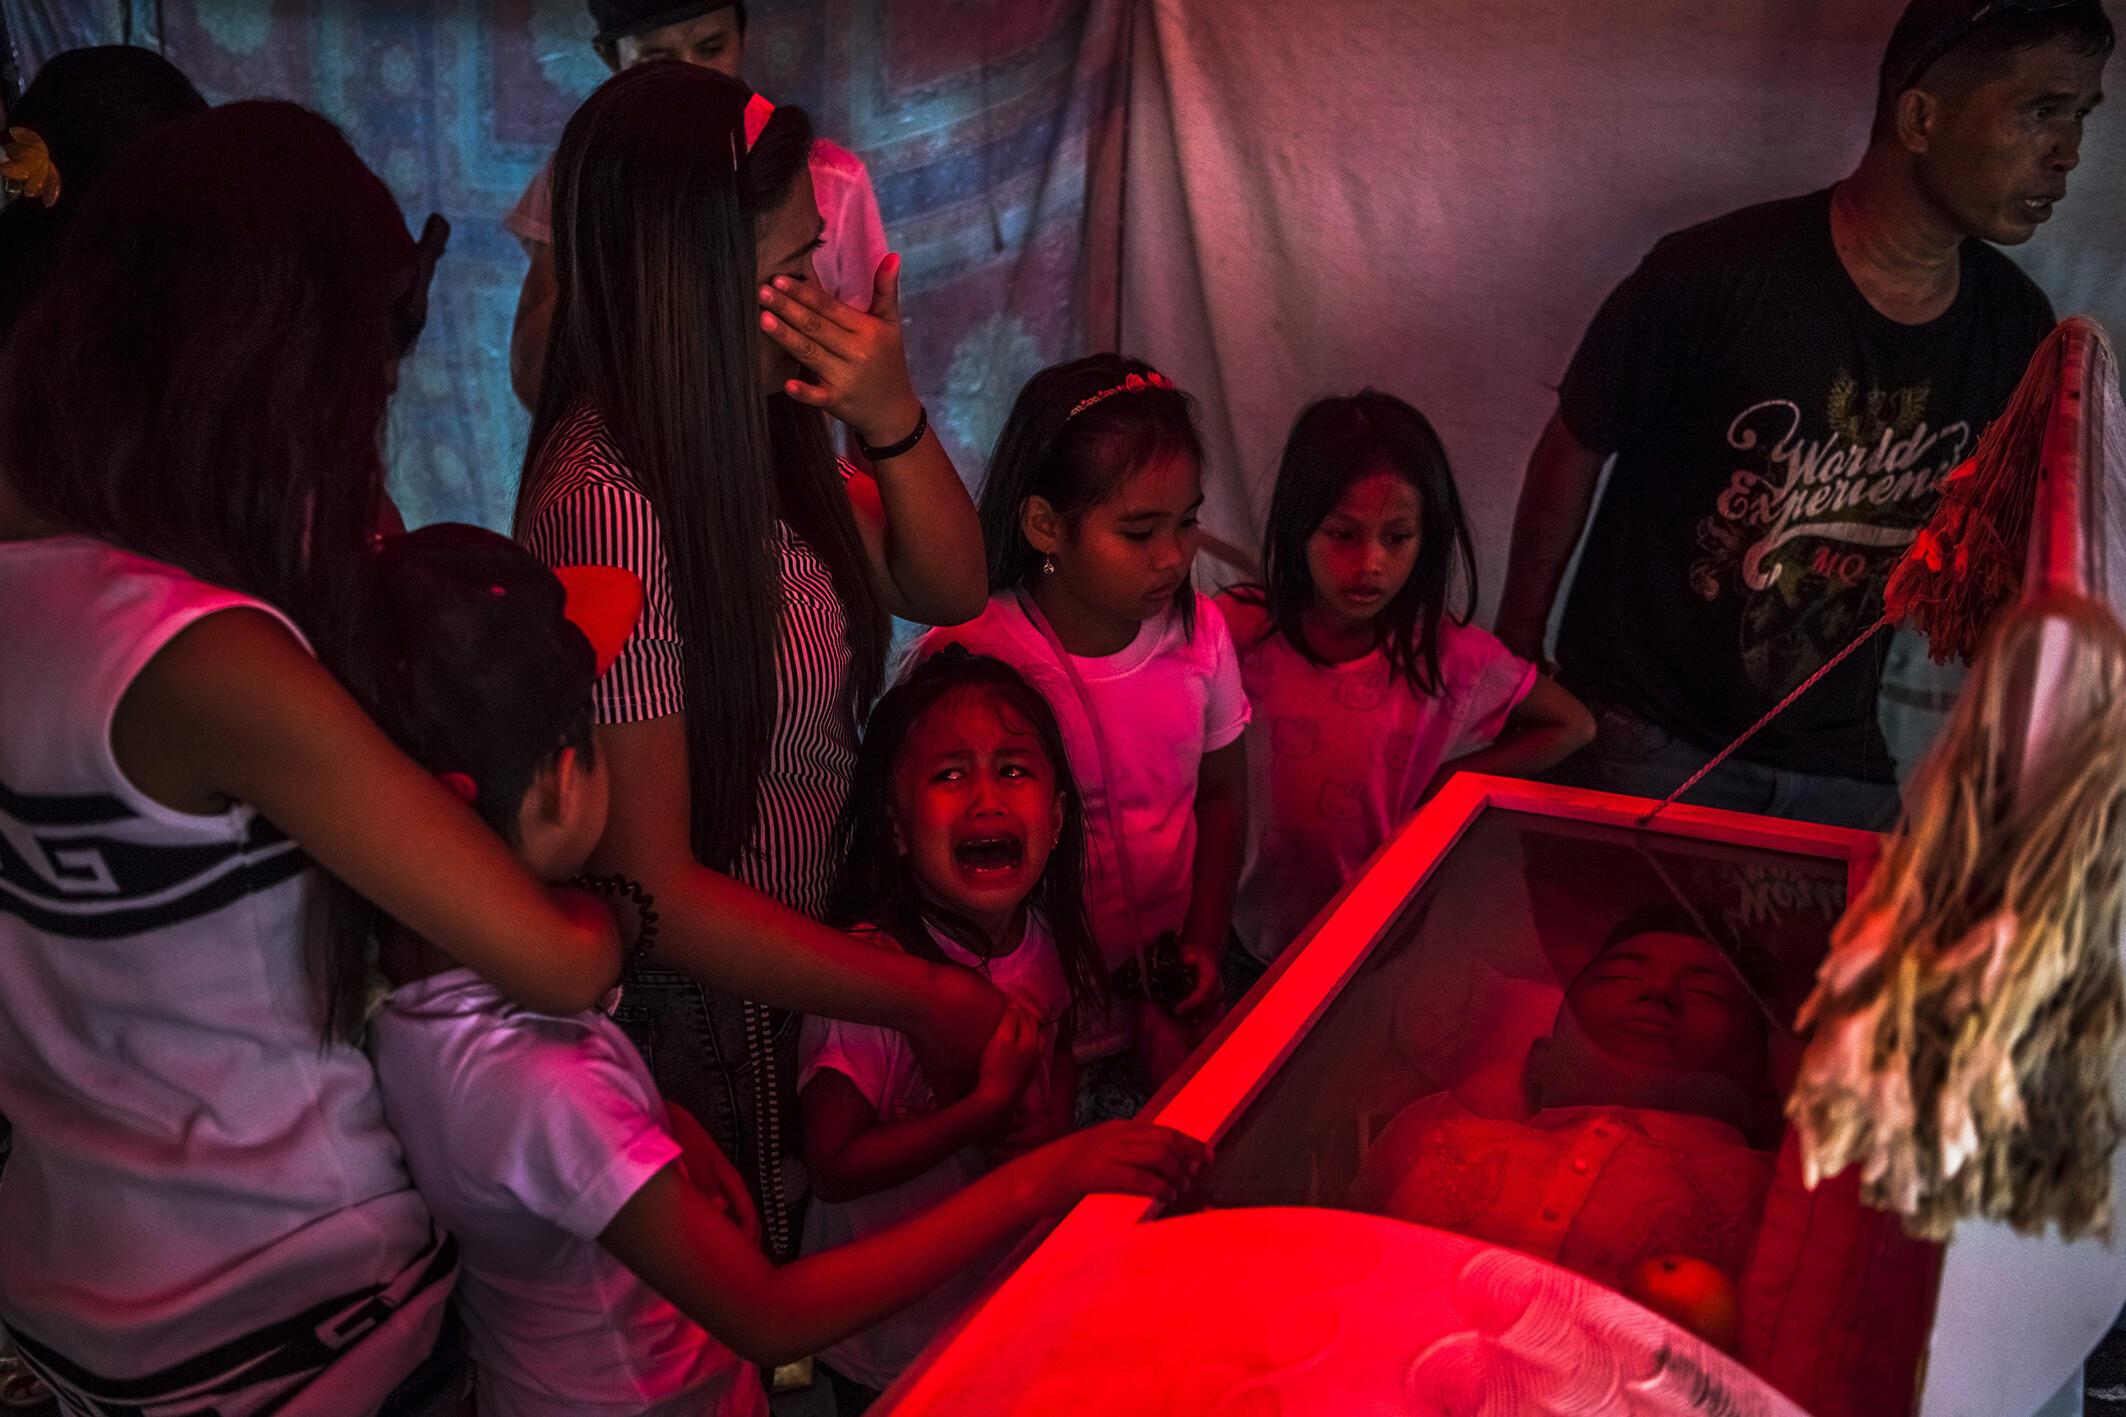 La petite Jimji hurle avant les obsèques de son père. Des traces de torture étaient visibles sur le corps. Selon la police, c'était un dealer ; selon ses proches, il avait voulu suivre une cure de désintoxication. Manille, 10 octobre 2016.